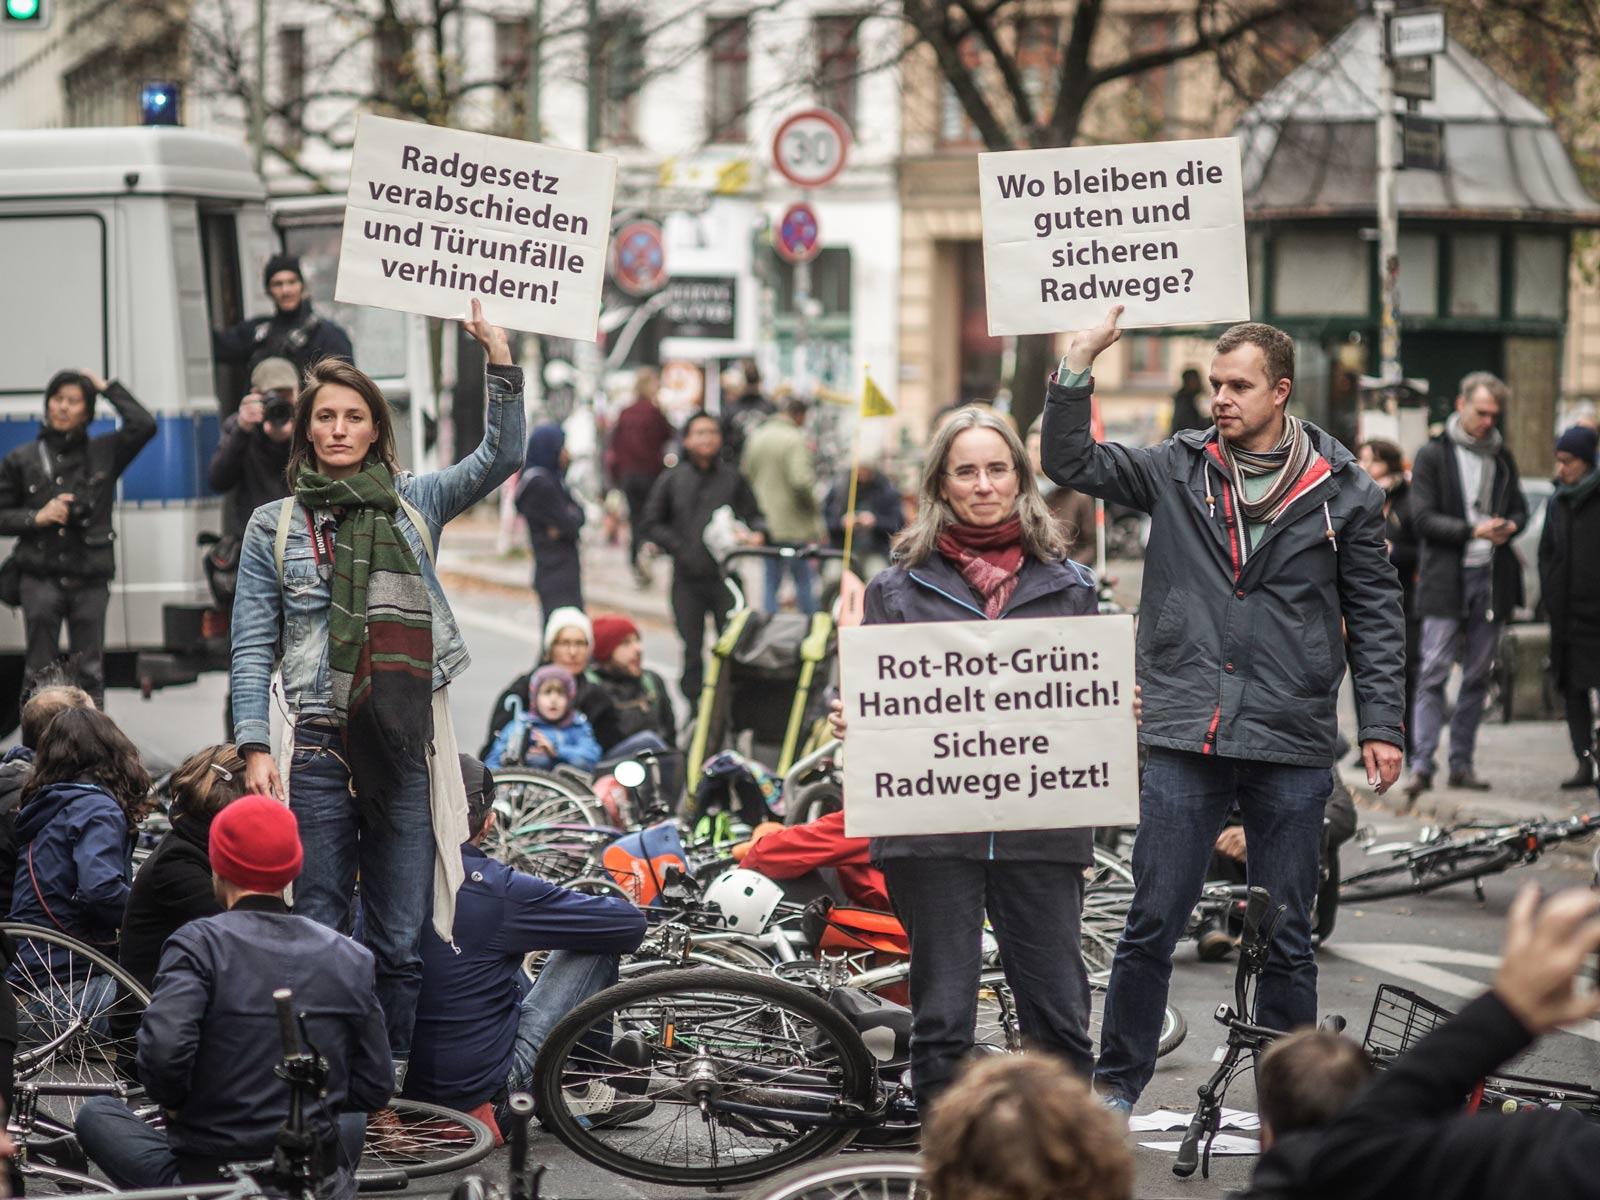 Eine Gruppe von Demonstranten hält Schilder für mehr Sicherheit für Radfahrer in die höhe.